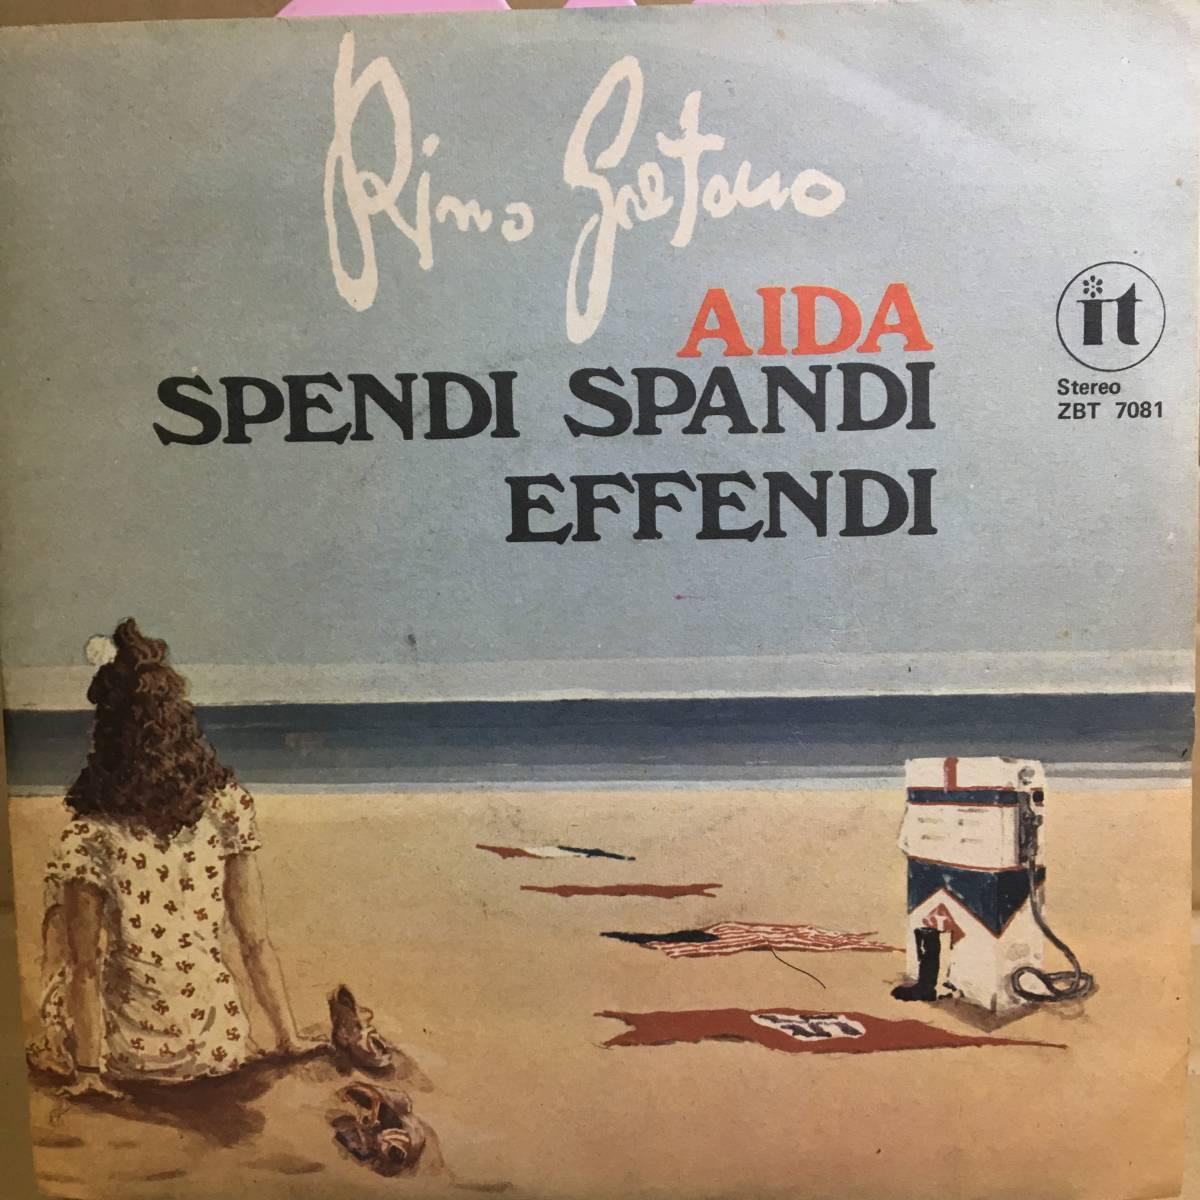 【イタリアSSW77年作】Rino Gaetano/Aida / Spendi Spandi Effendi【EP】